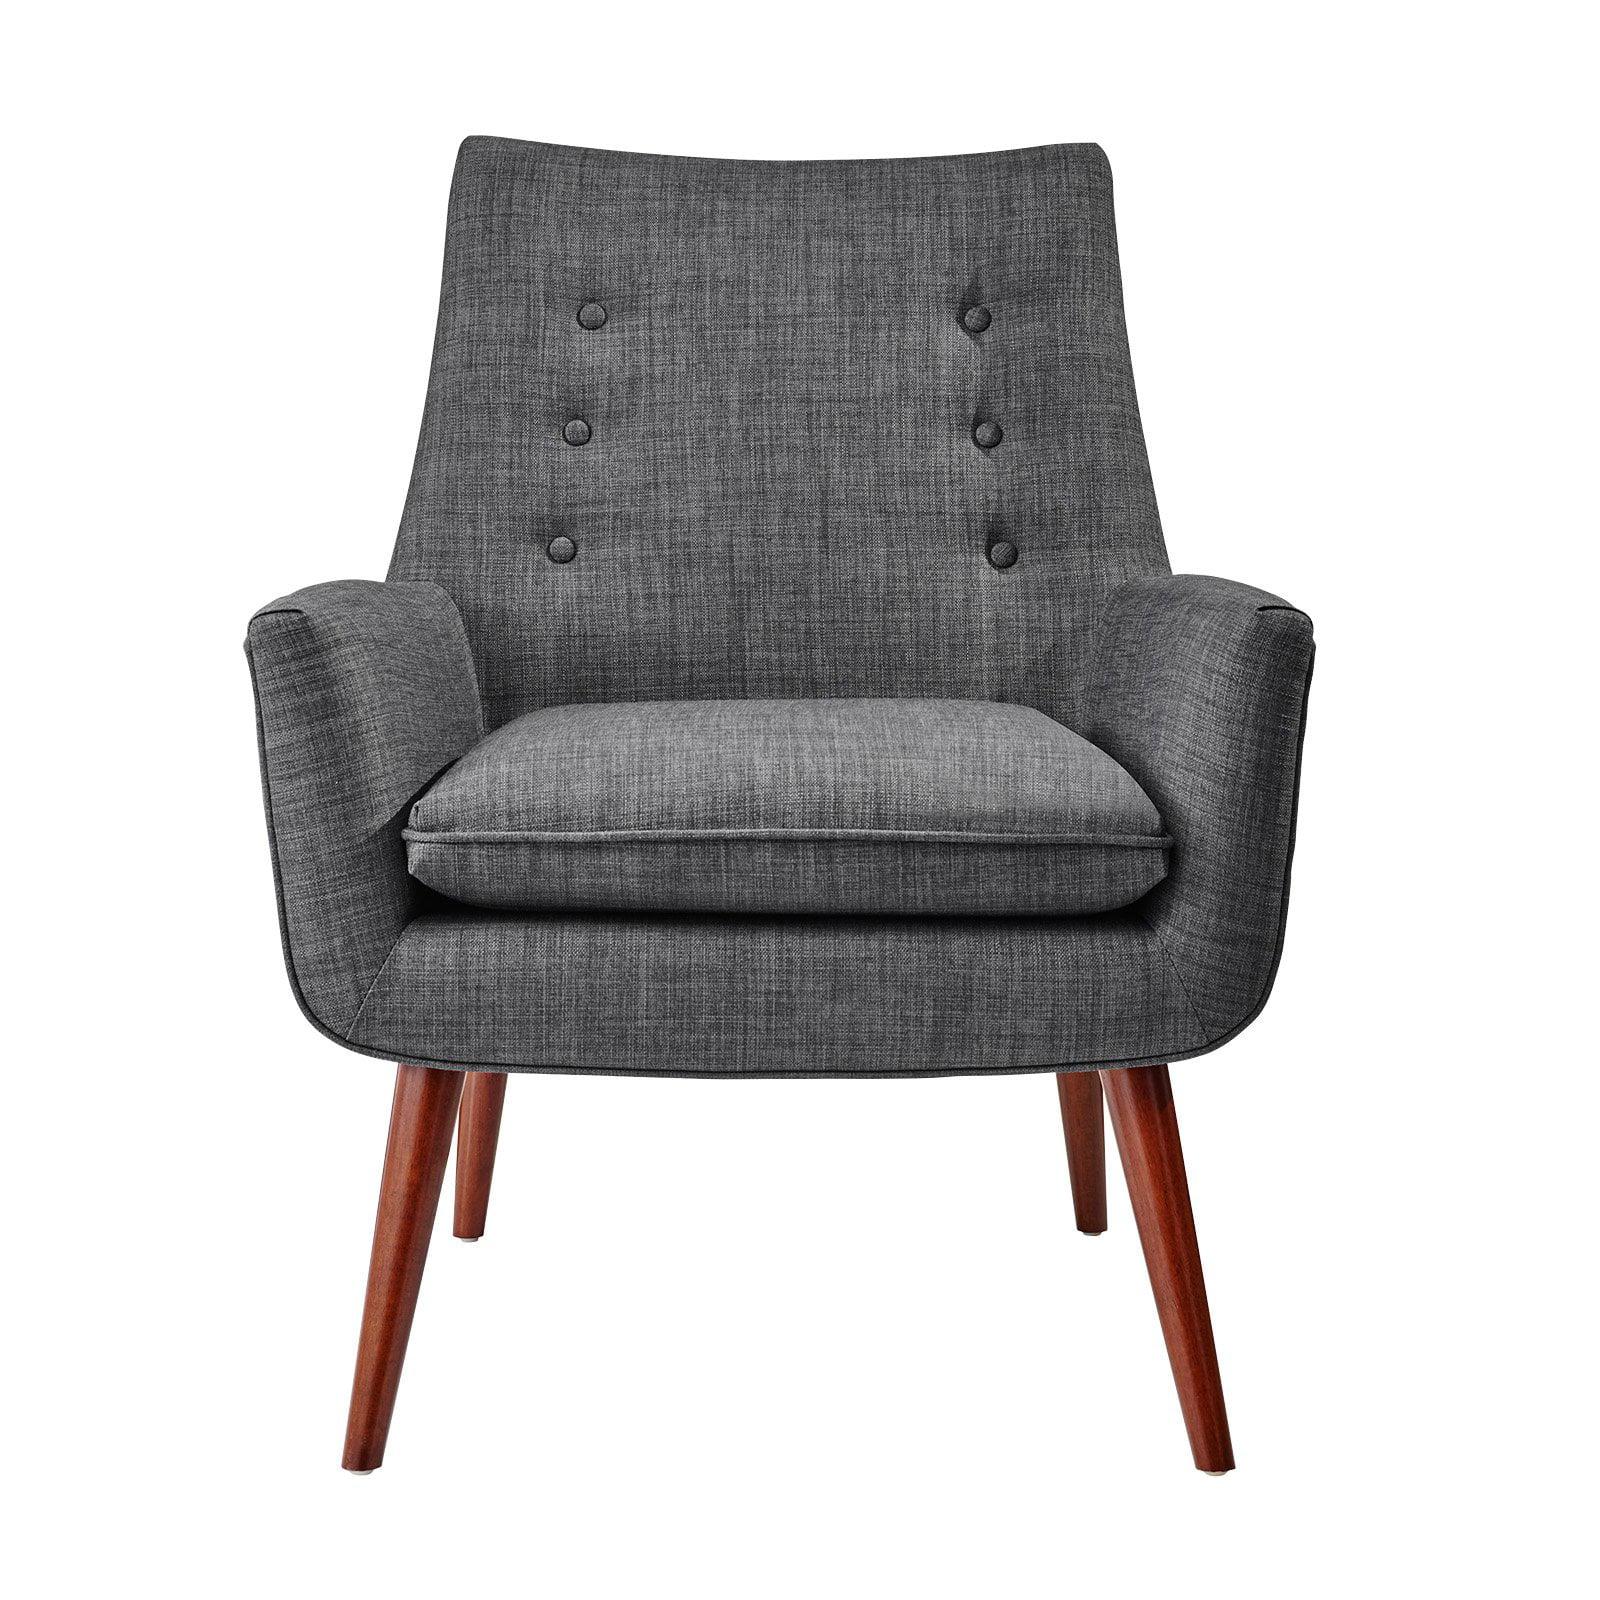 Adesso Addison Chair by Adesso, Inc.